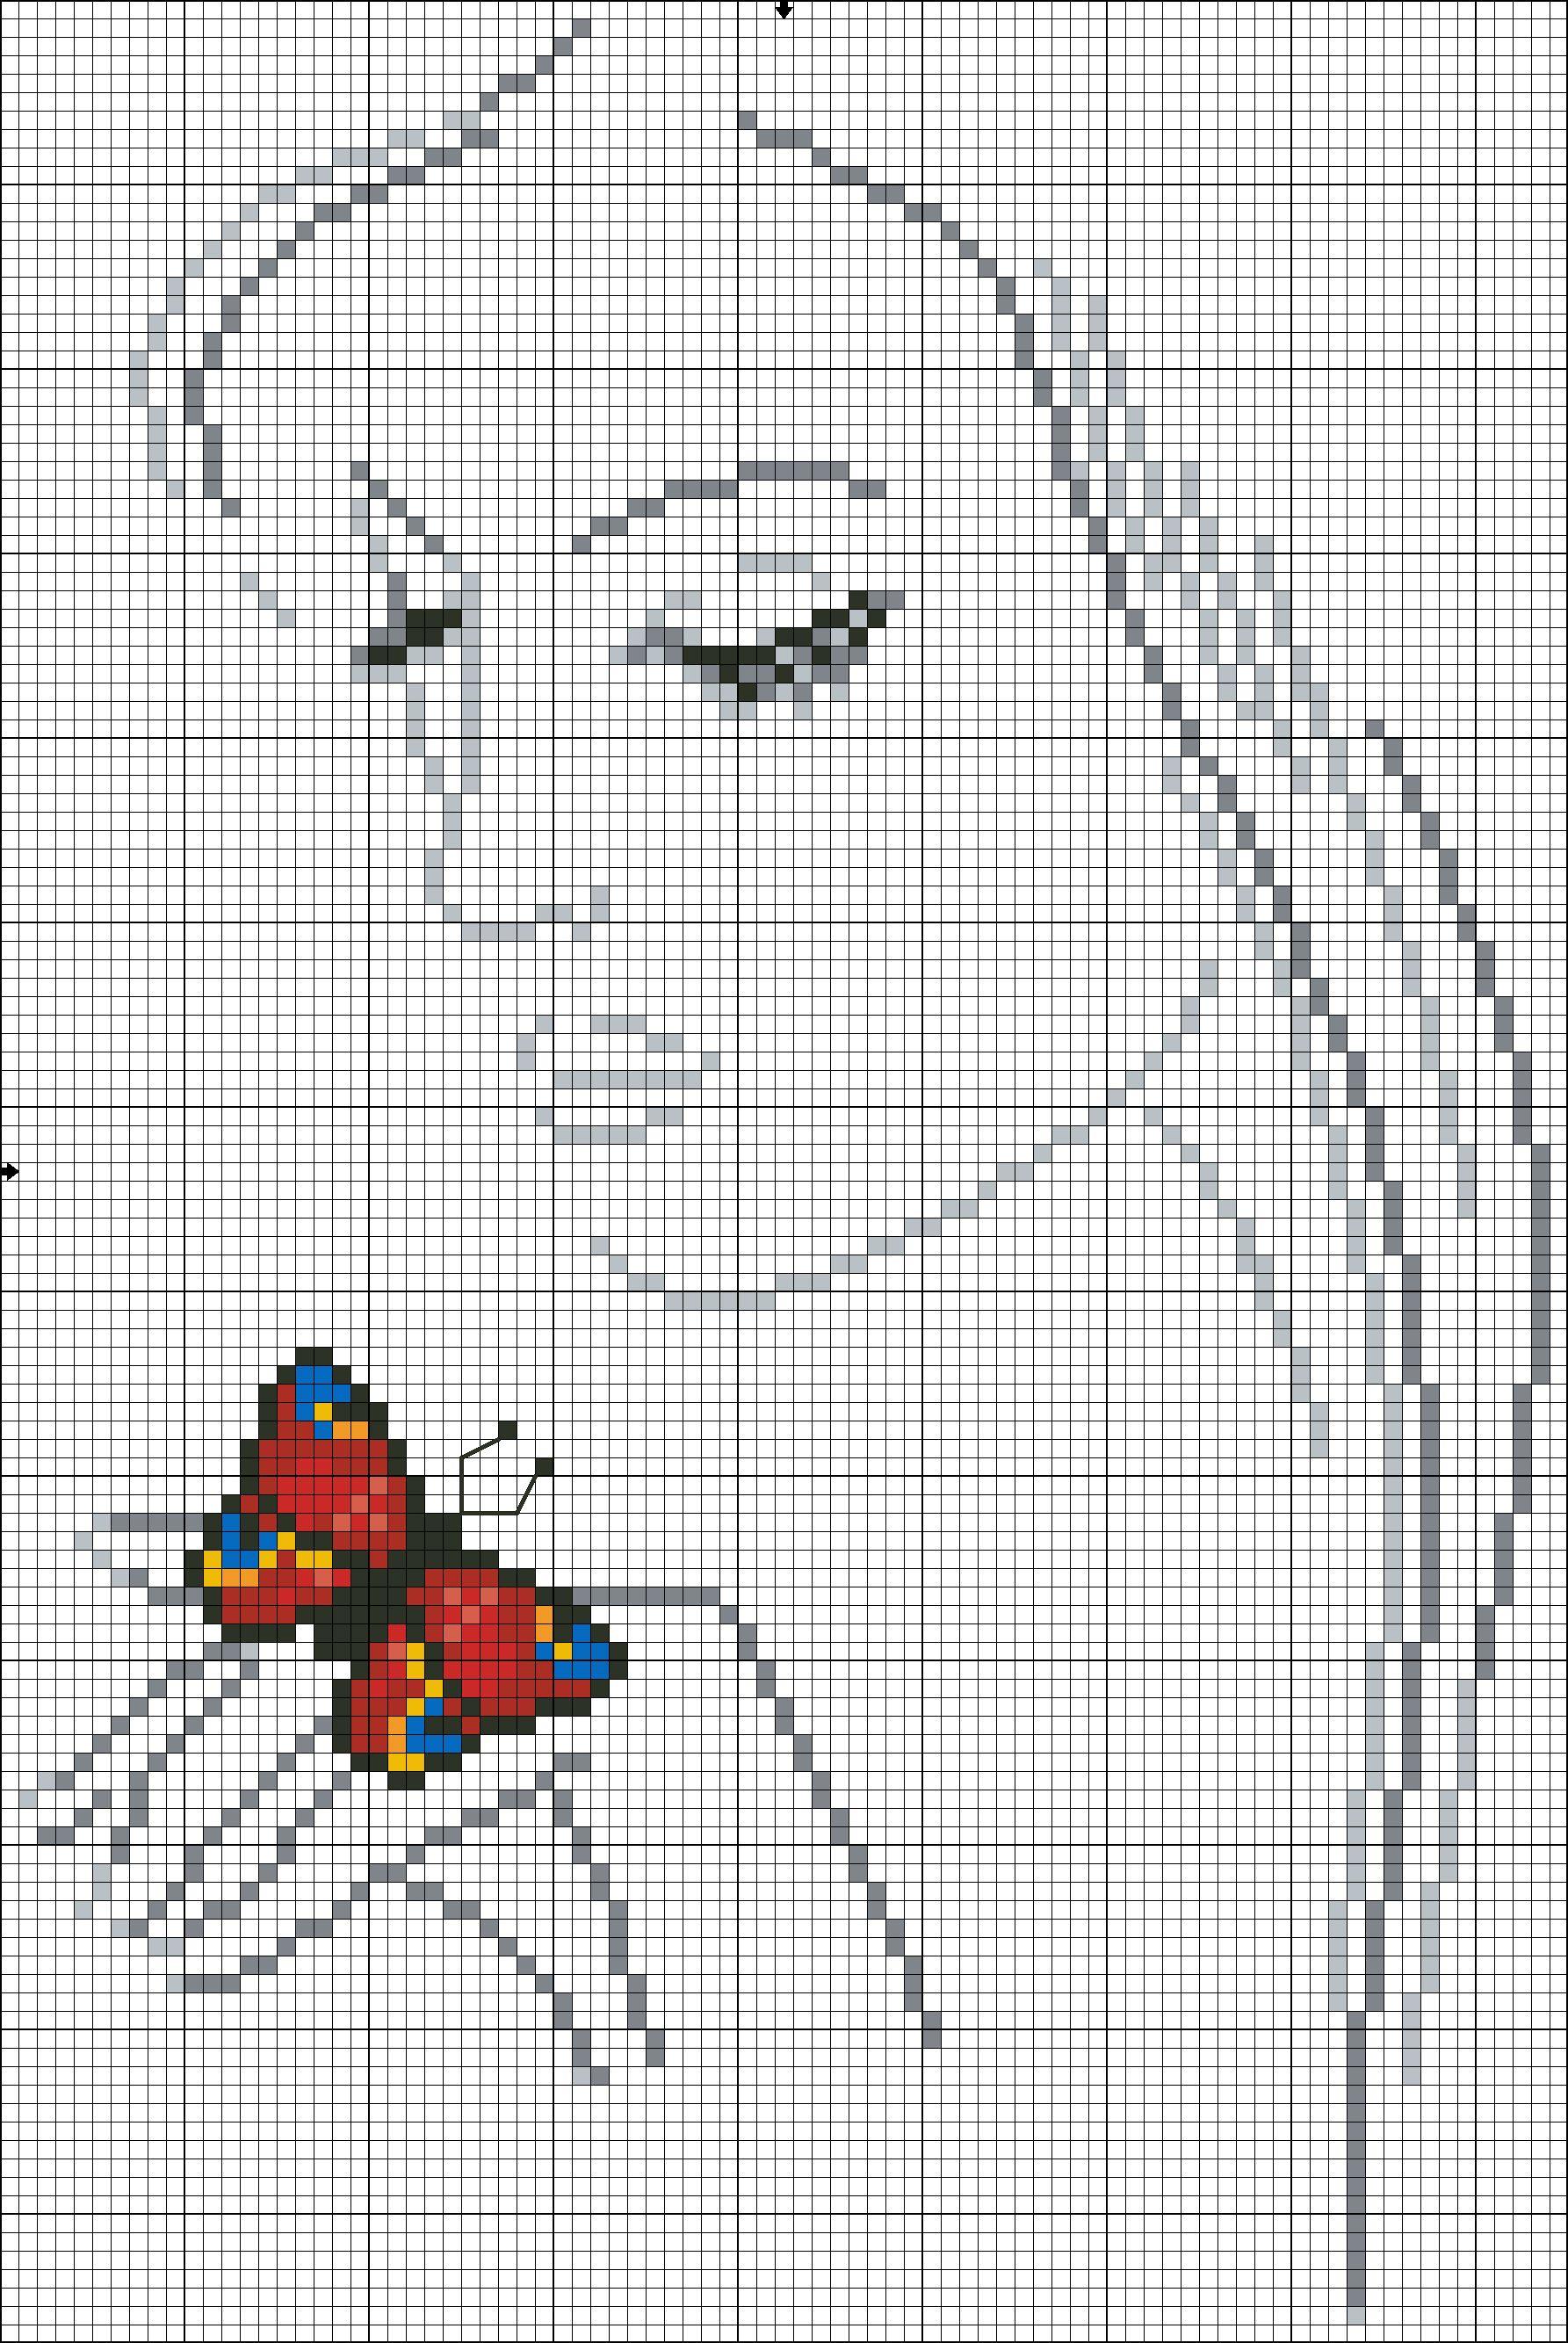 Вышивка крестиком схема девушка в бабочках